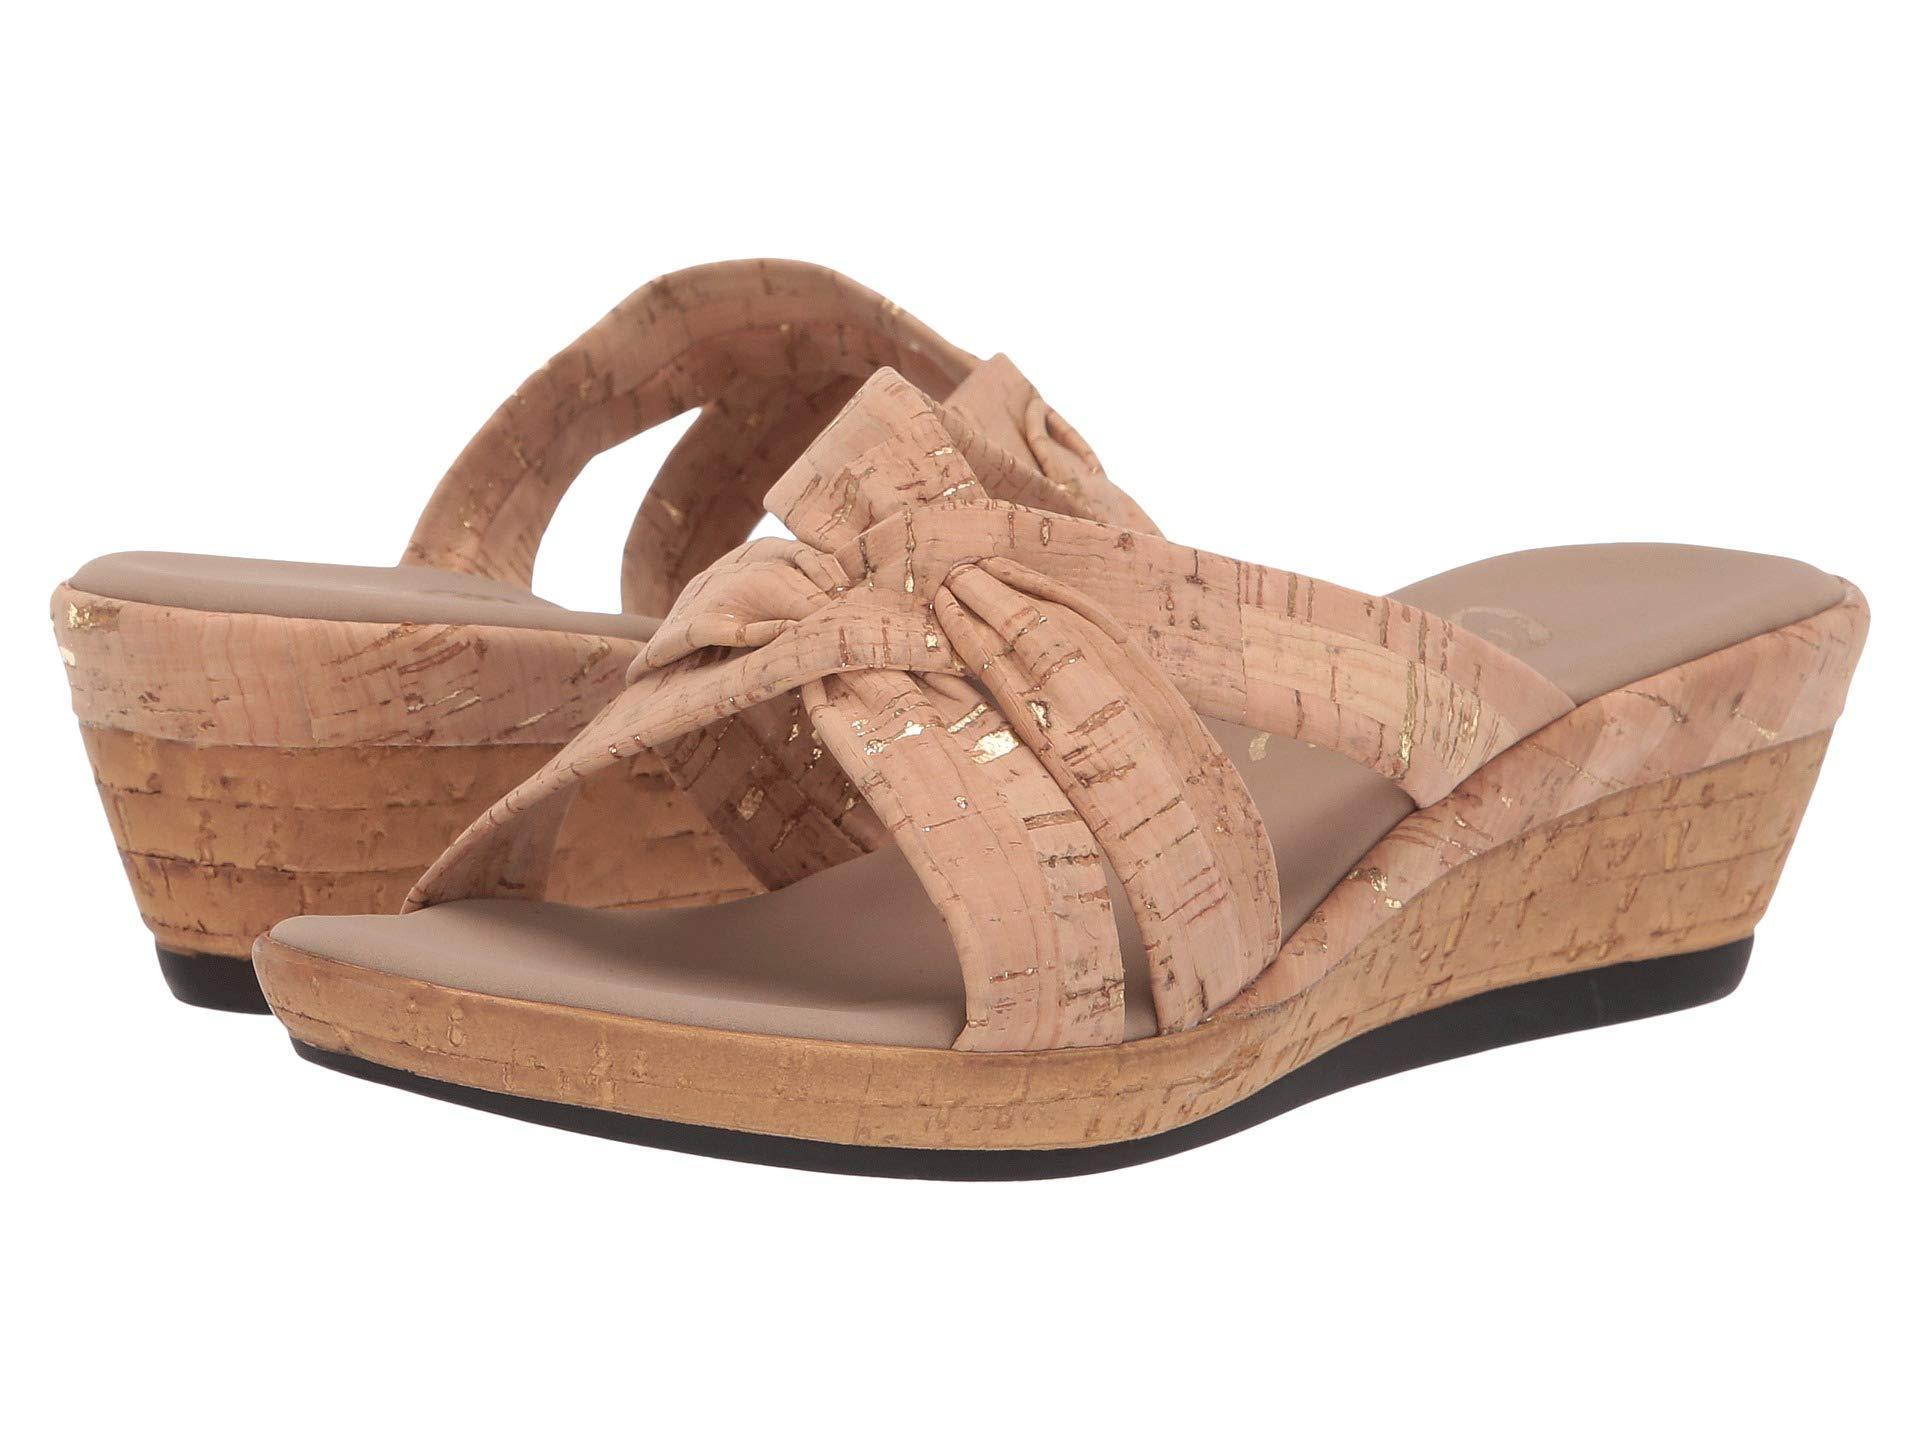 87a812ac6 Lyst - Onex Gayle (cork) Women s Dress Sandals